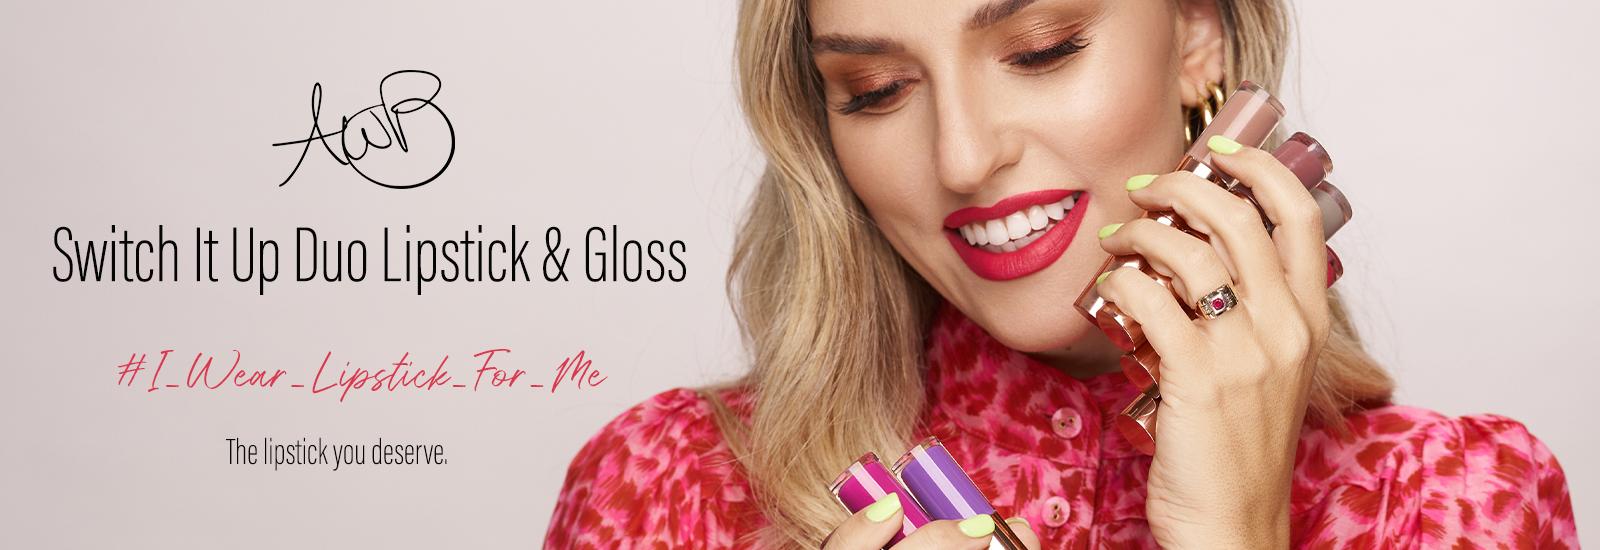 Switch It Up Duo Lipstick & Gloss